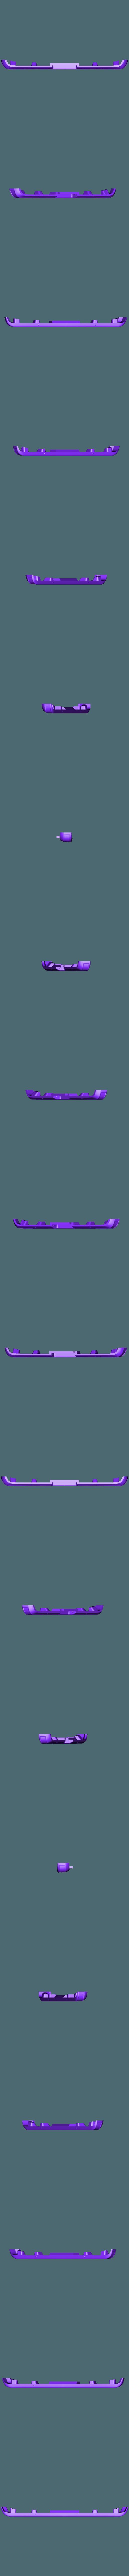 BumperBack.stl Descargar archivo STL CHEVY VAN G20 RC BODY SCALER AXIAL MST TRX4 RC4WD • Modelo para imprimir en 3D, ilyakapitonov